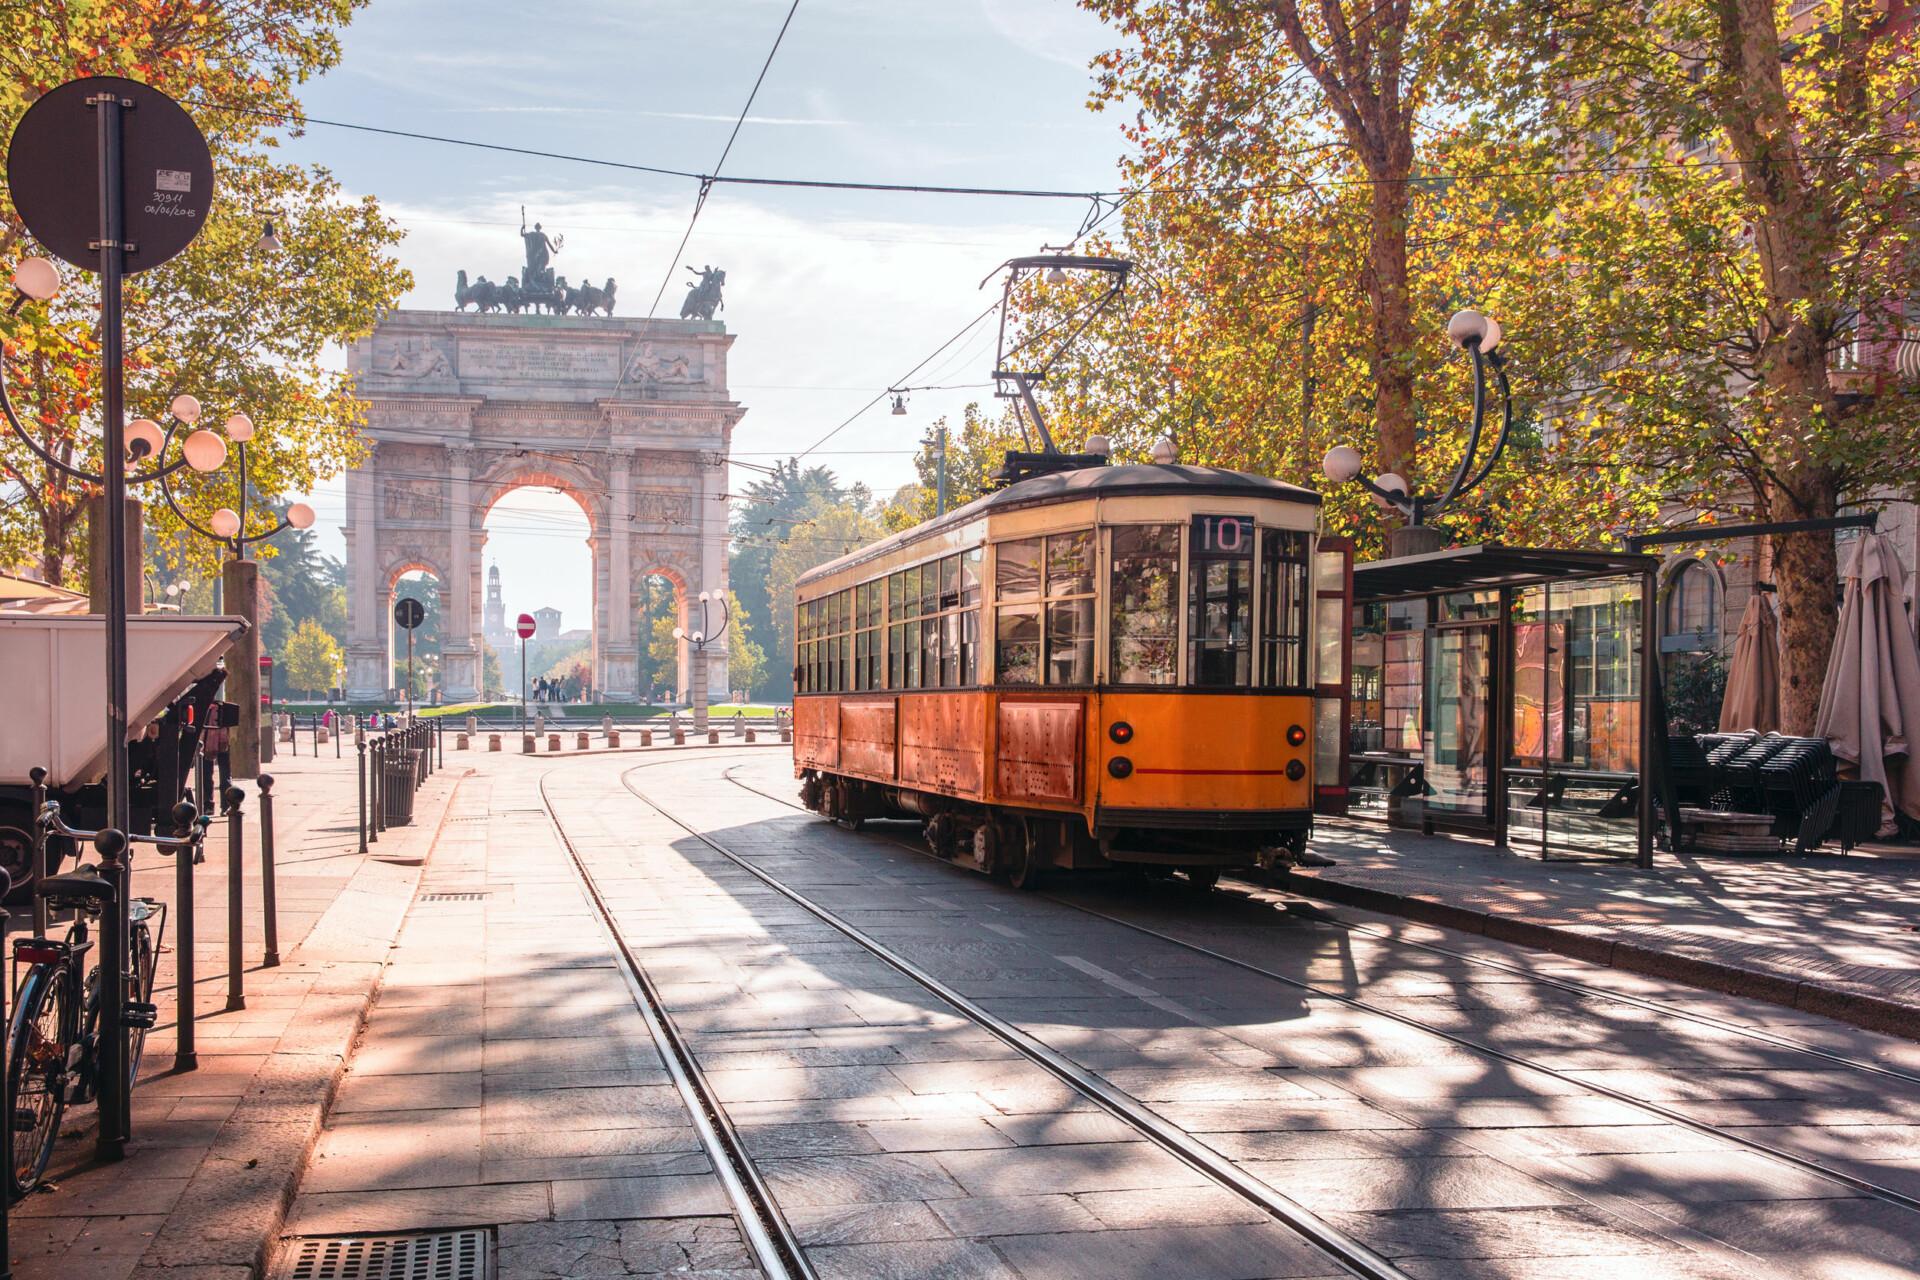 Ιταλία: «Covid free» τρένο θα συνδέει Ρώμη με Μιλάνο